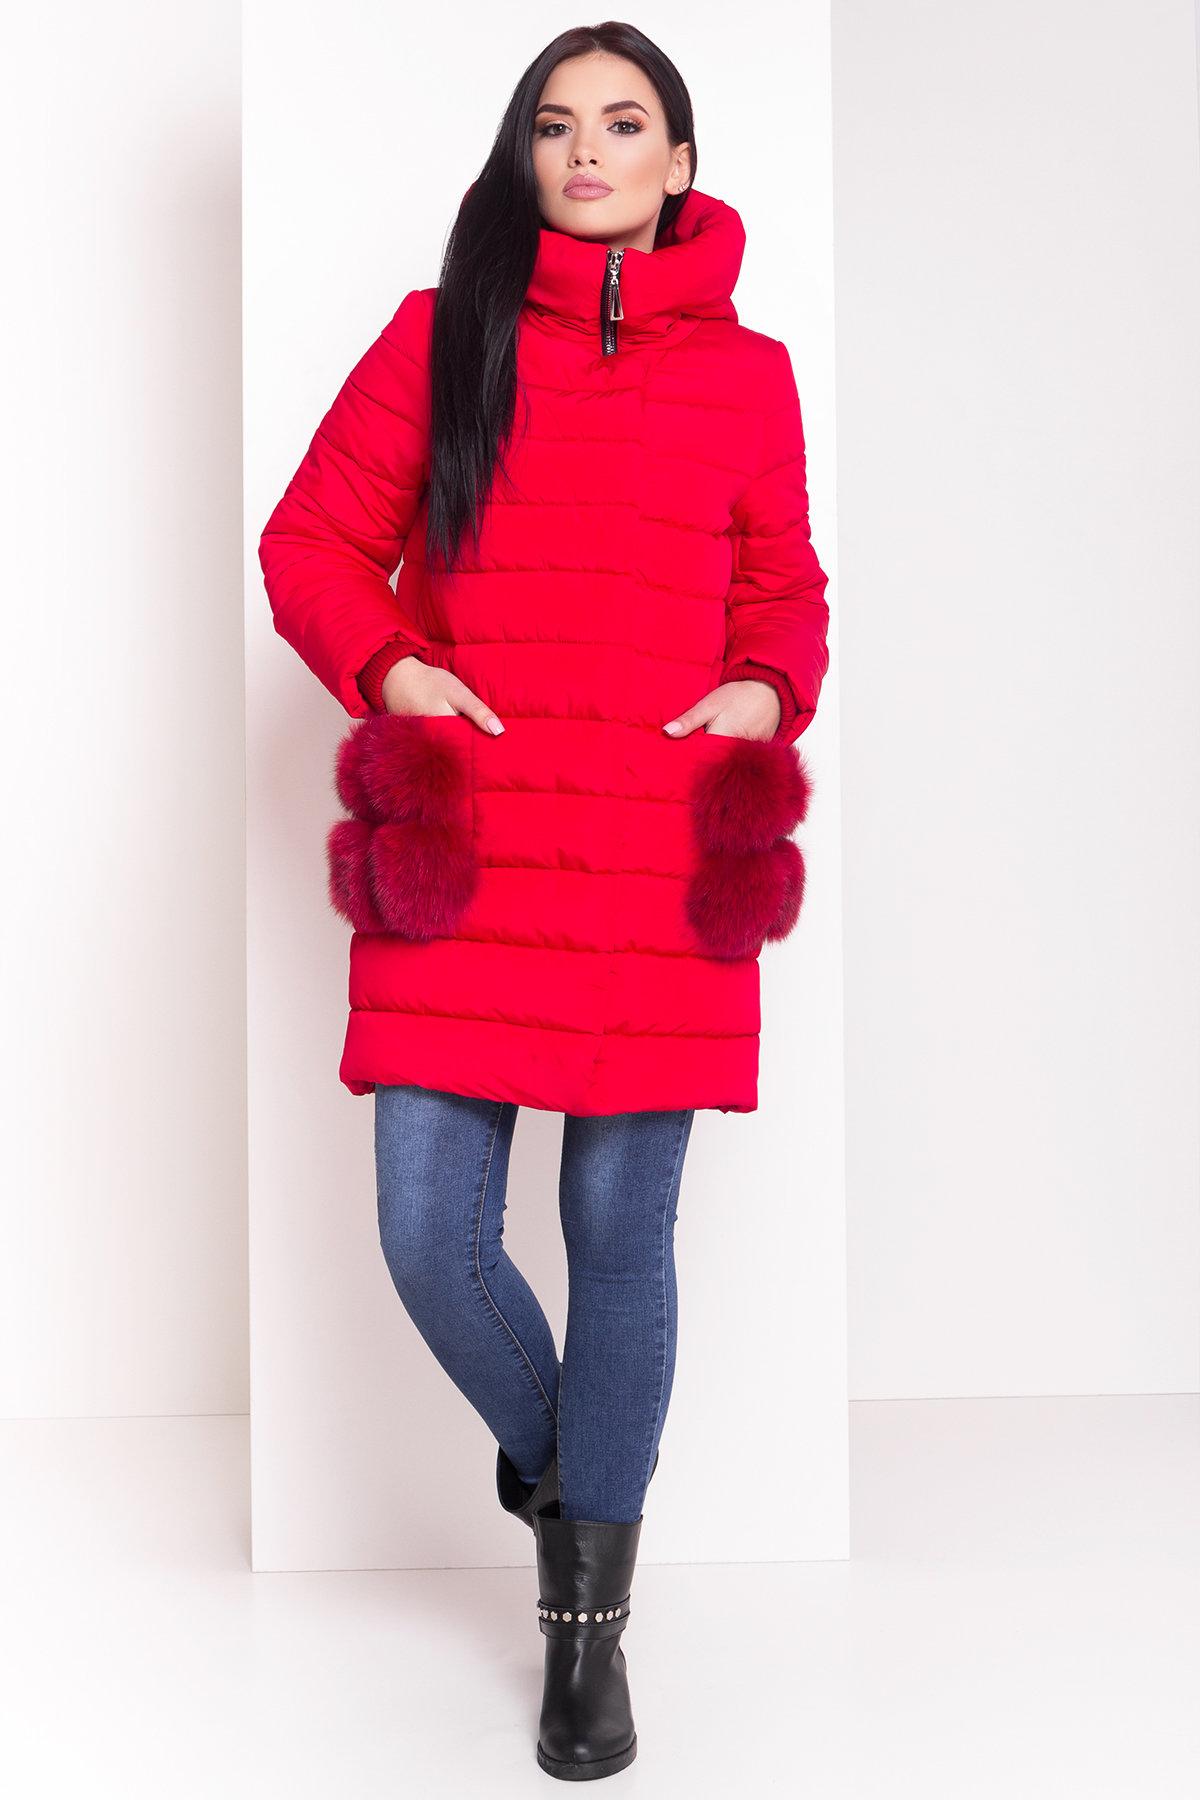 Пуховик с меховыми карманами Лили 3523 АРТ. 19110 Цвет: Красный - фото 2, интернет магазин tm-modus.ru